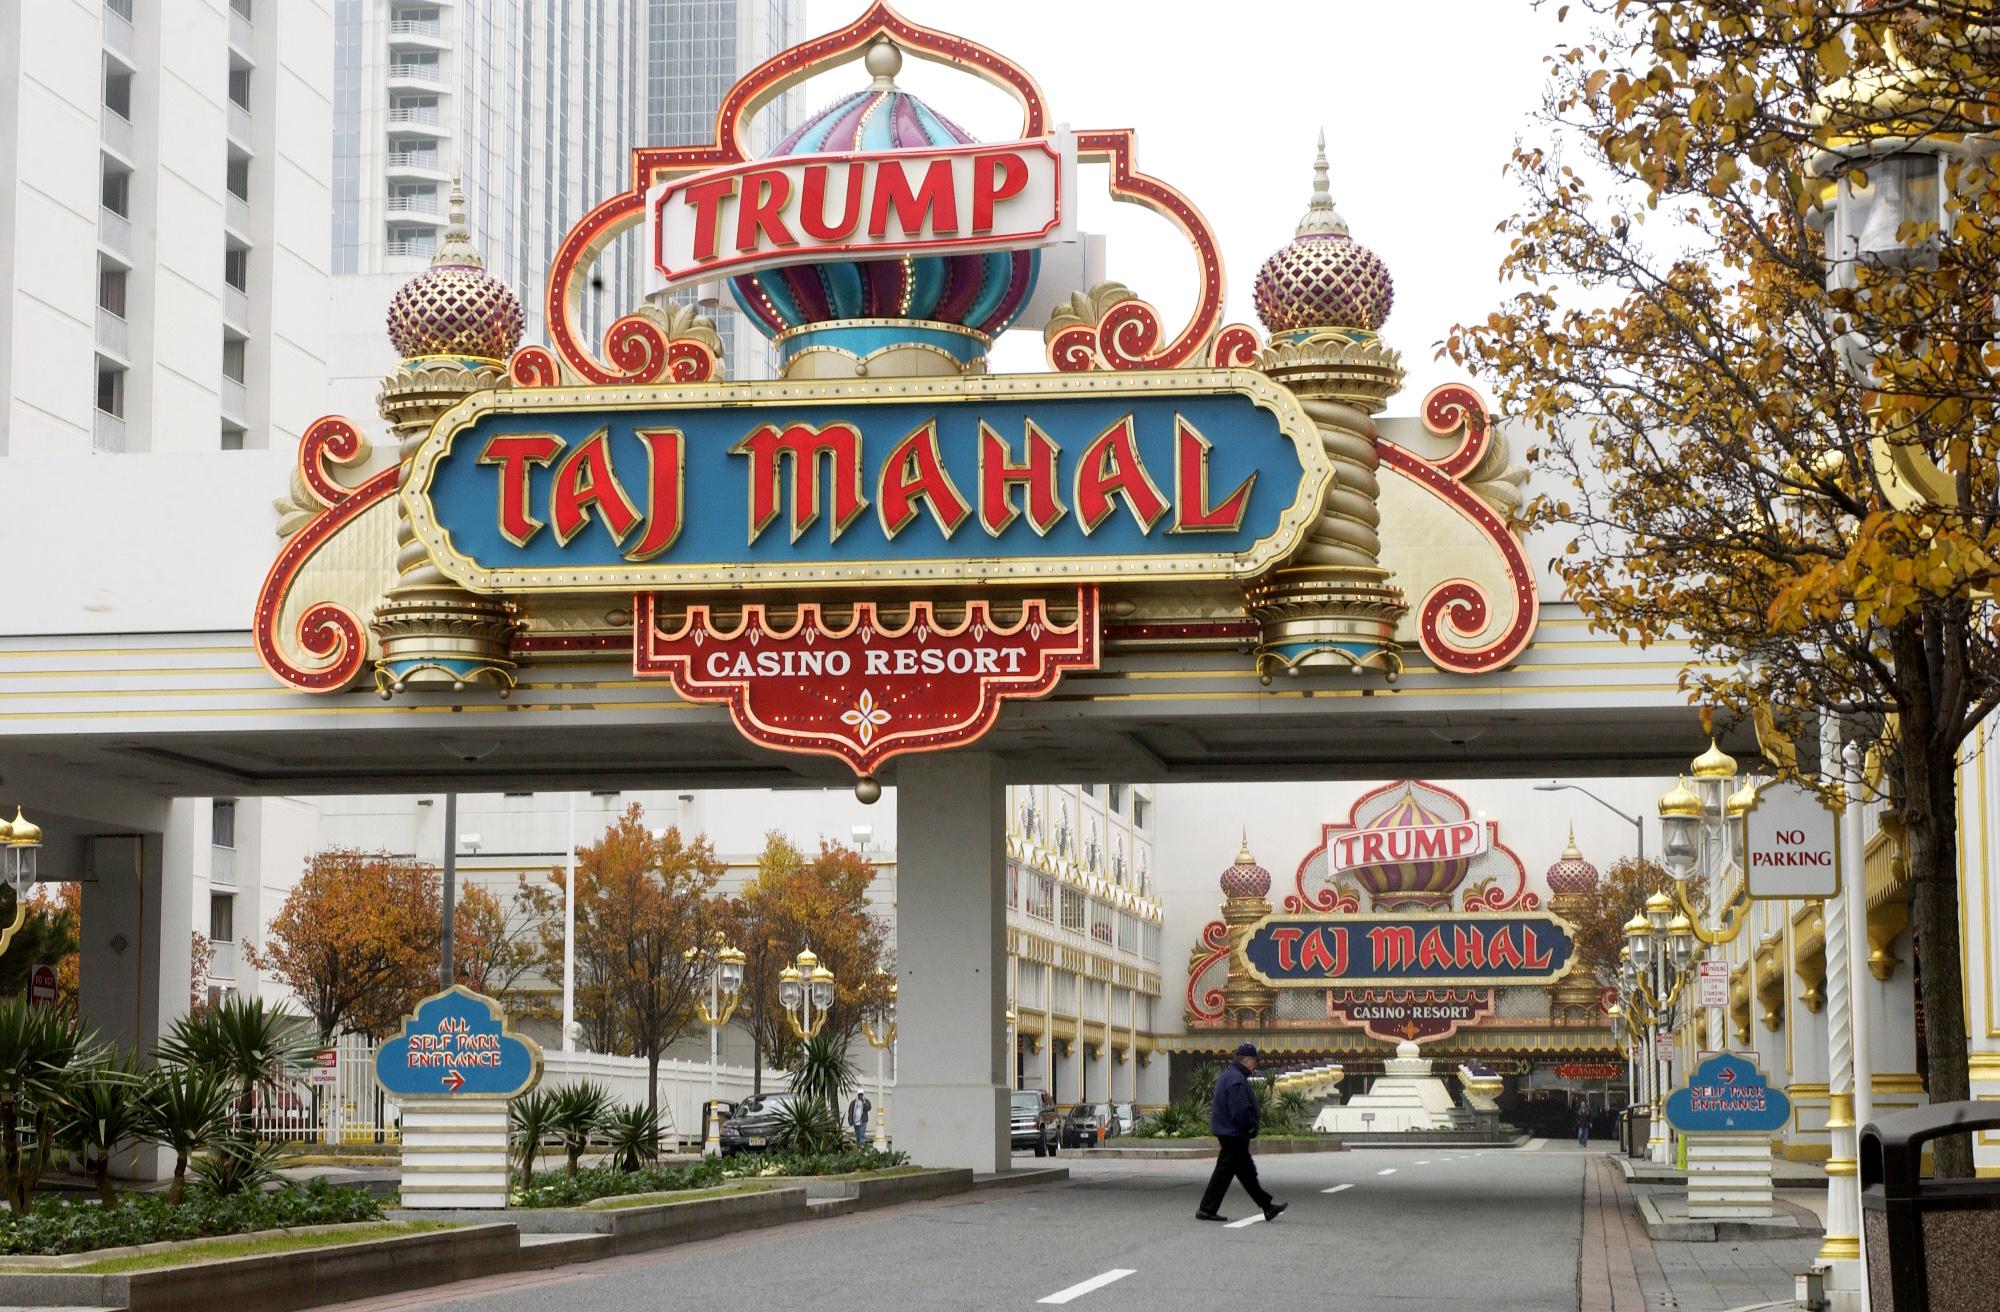 Taj majal casino photo